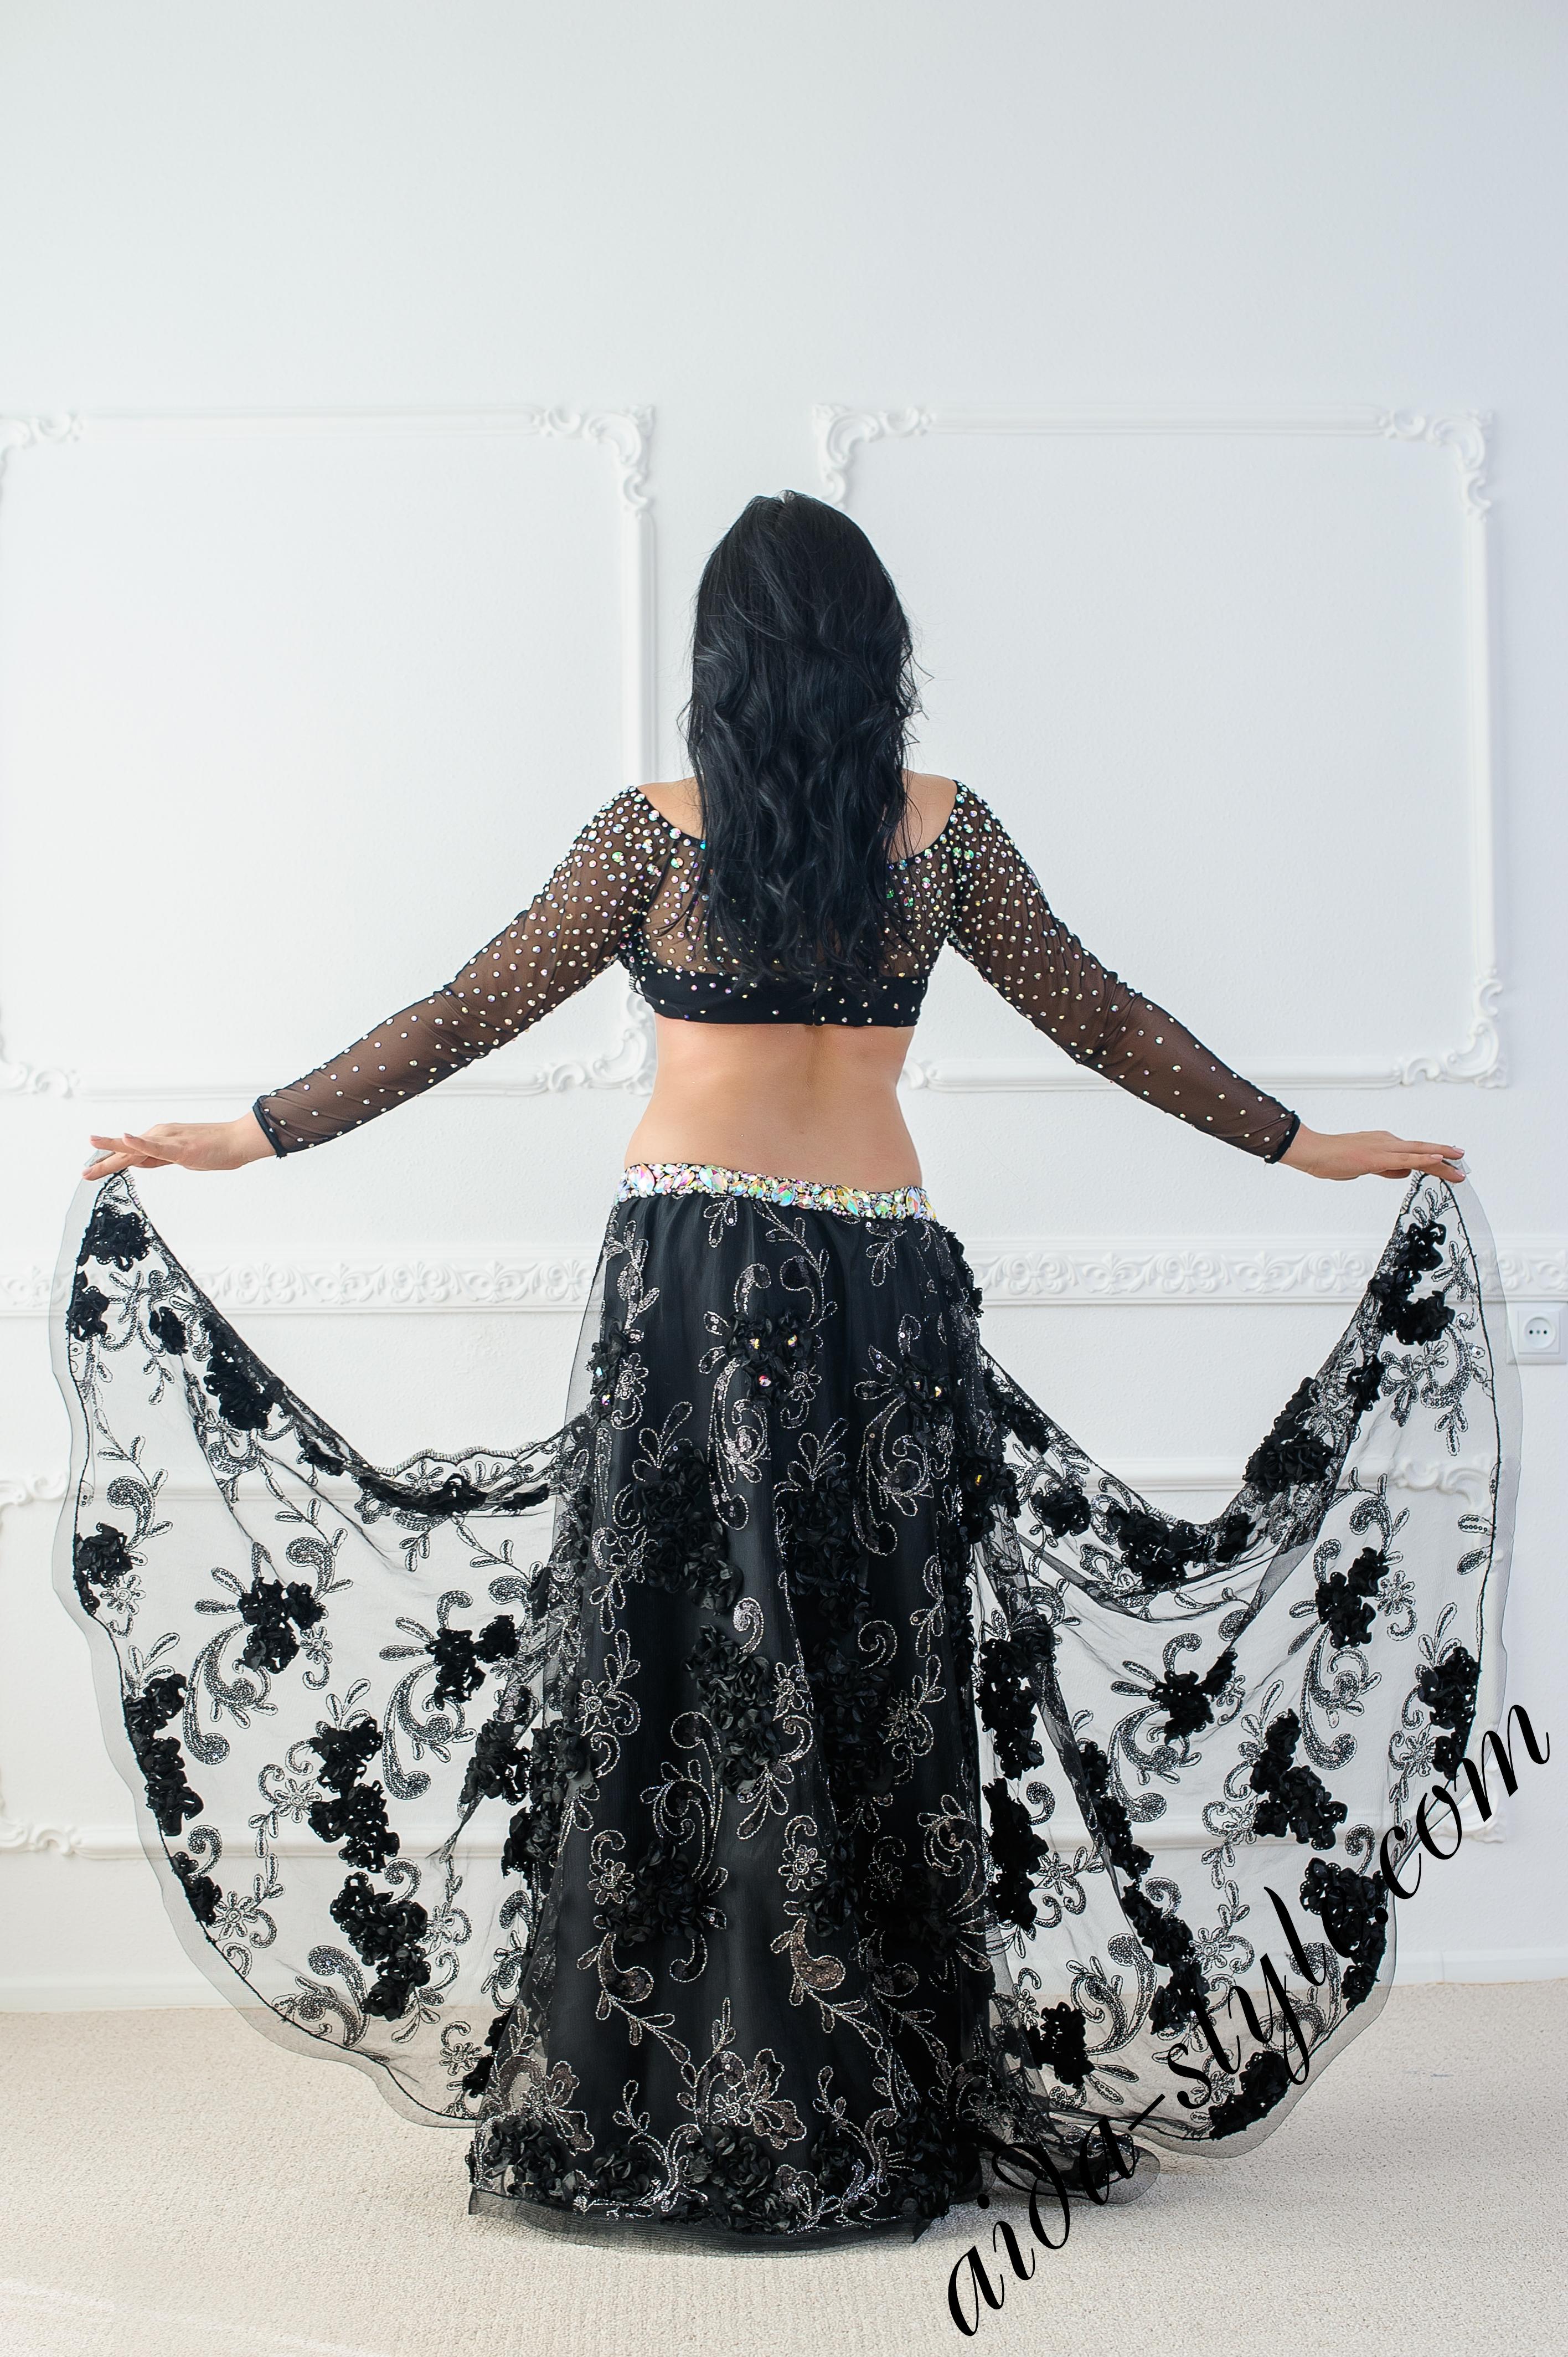 Belly dance dress by Olga Aida – Aida Style